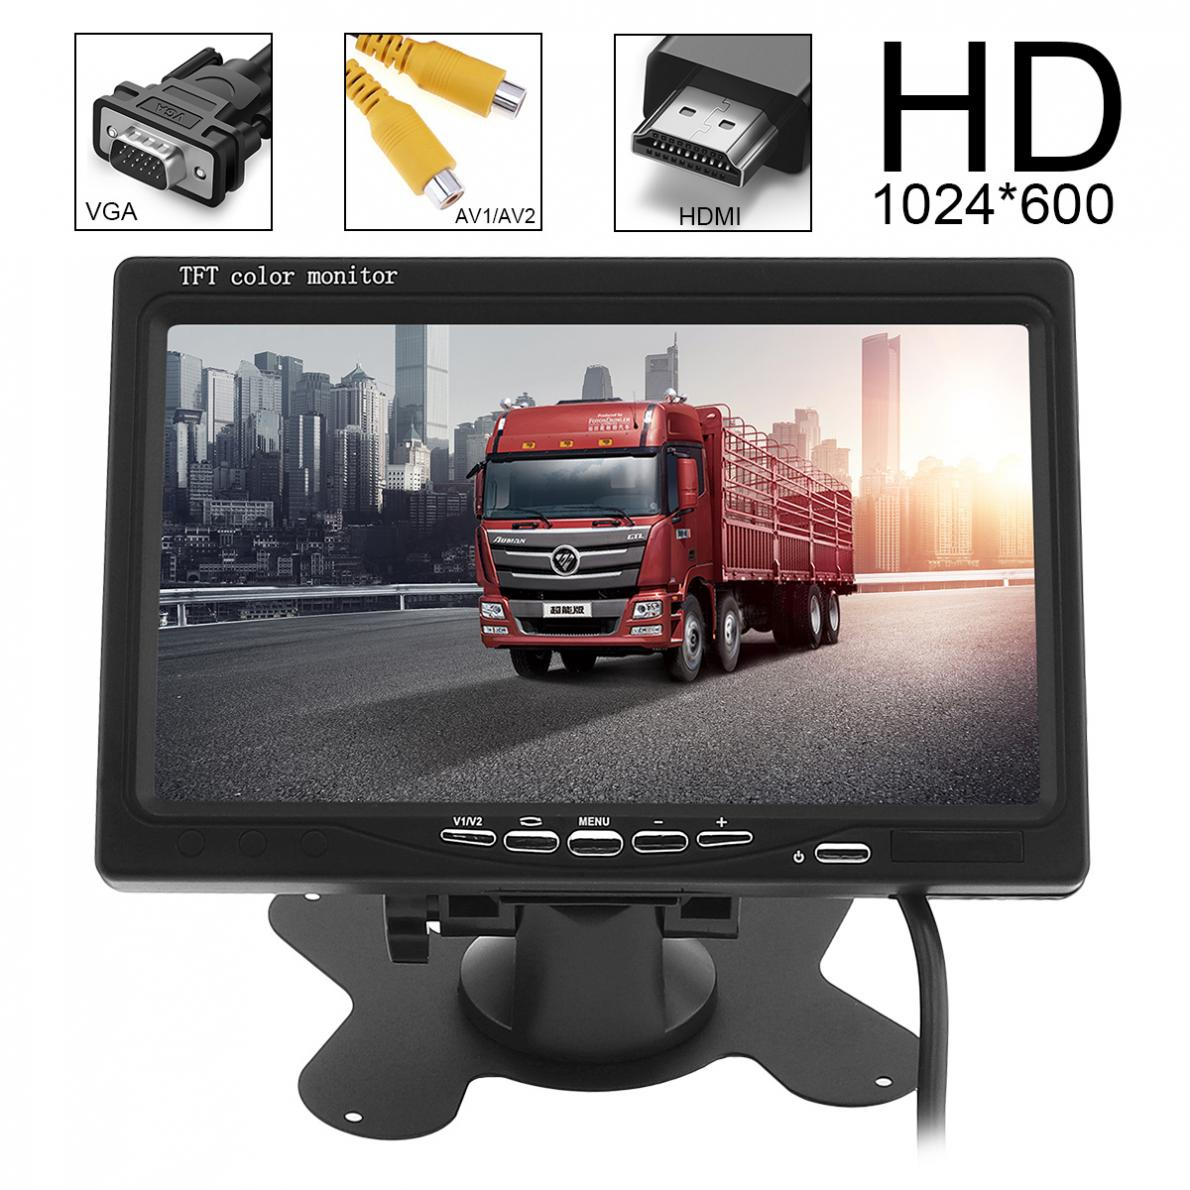 7 дюймов HD 1024x600 TFT ЖК-дисплей Цвет Экран заднего вида монитор 2 видео Вход DVD VCD подголовник монитор автомобиля Поддержка HDMI VGA